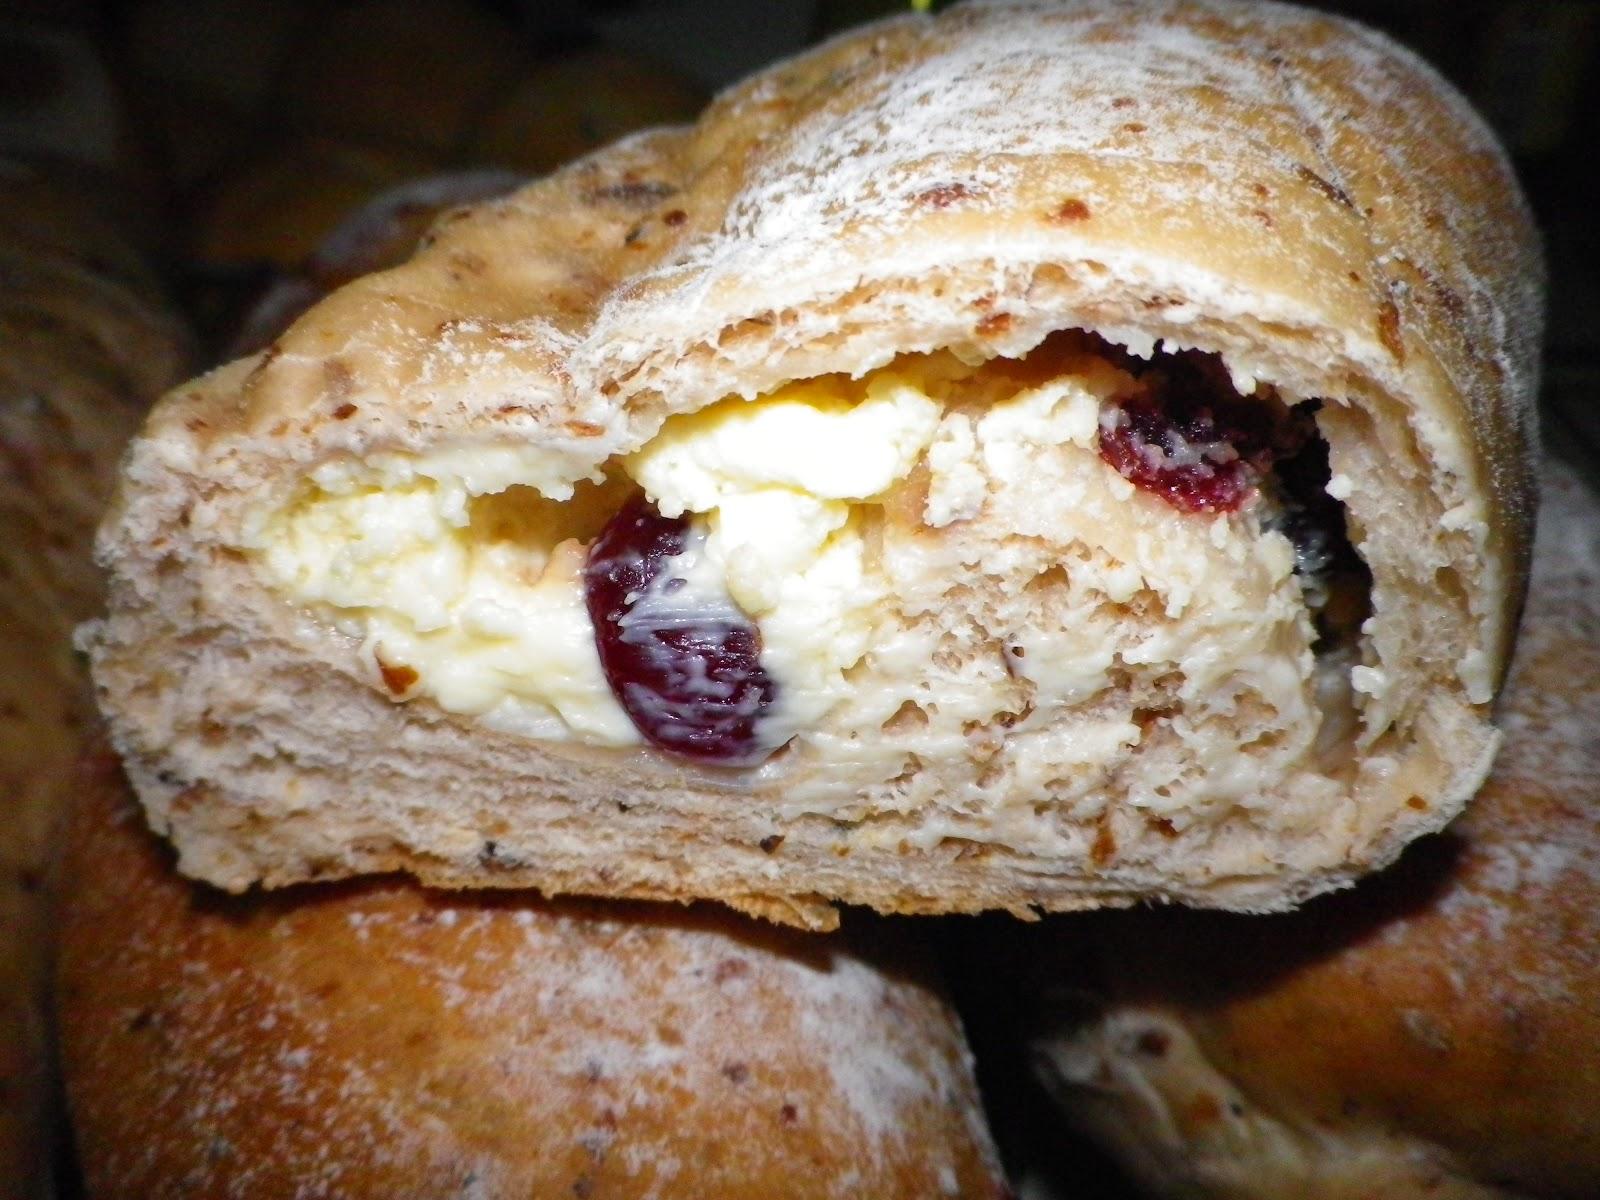 小香生活小事: 玫瑰乳酪麵包2